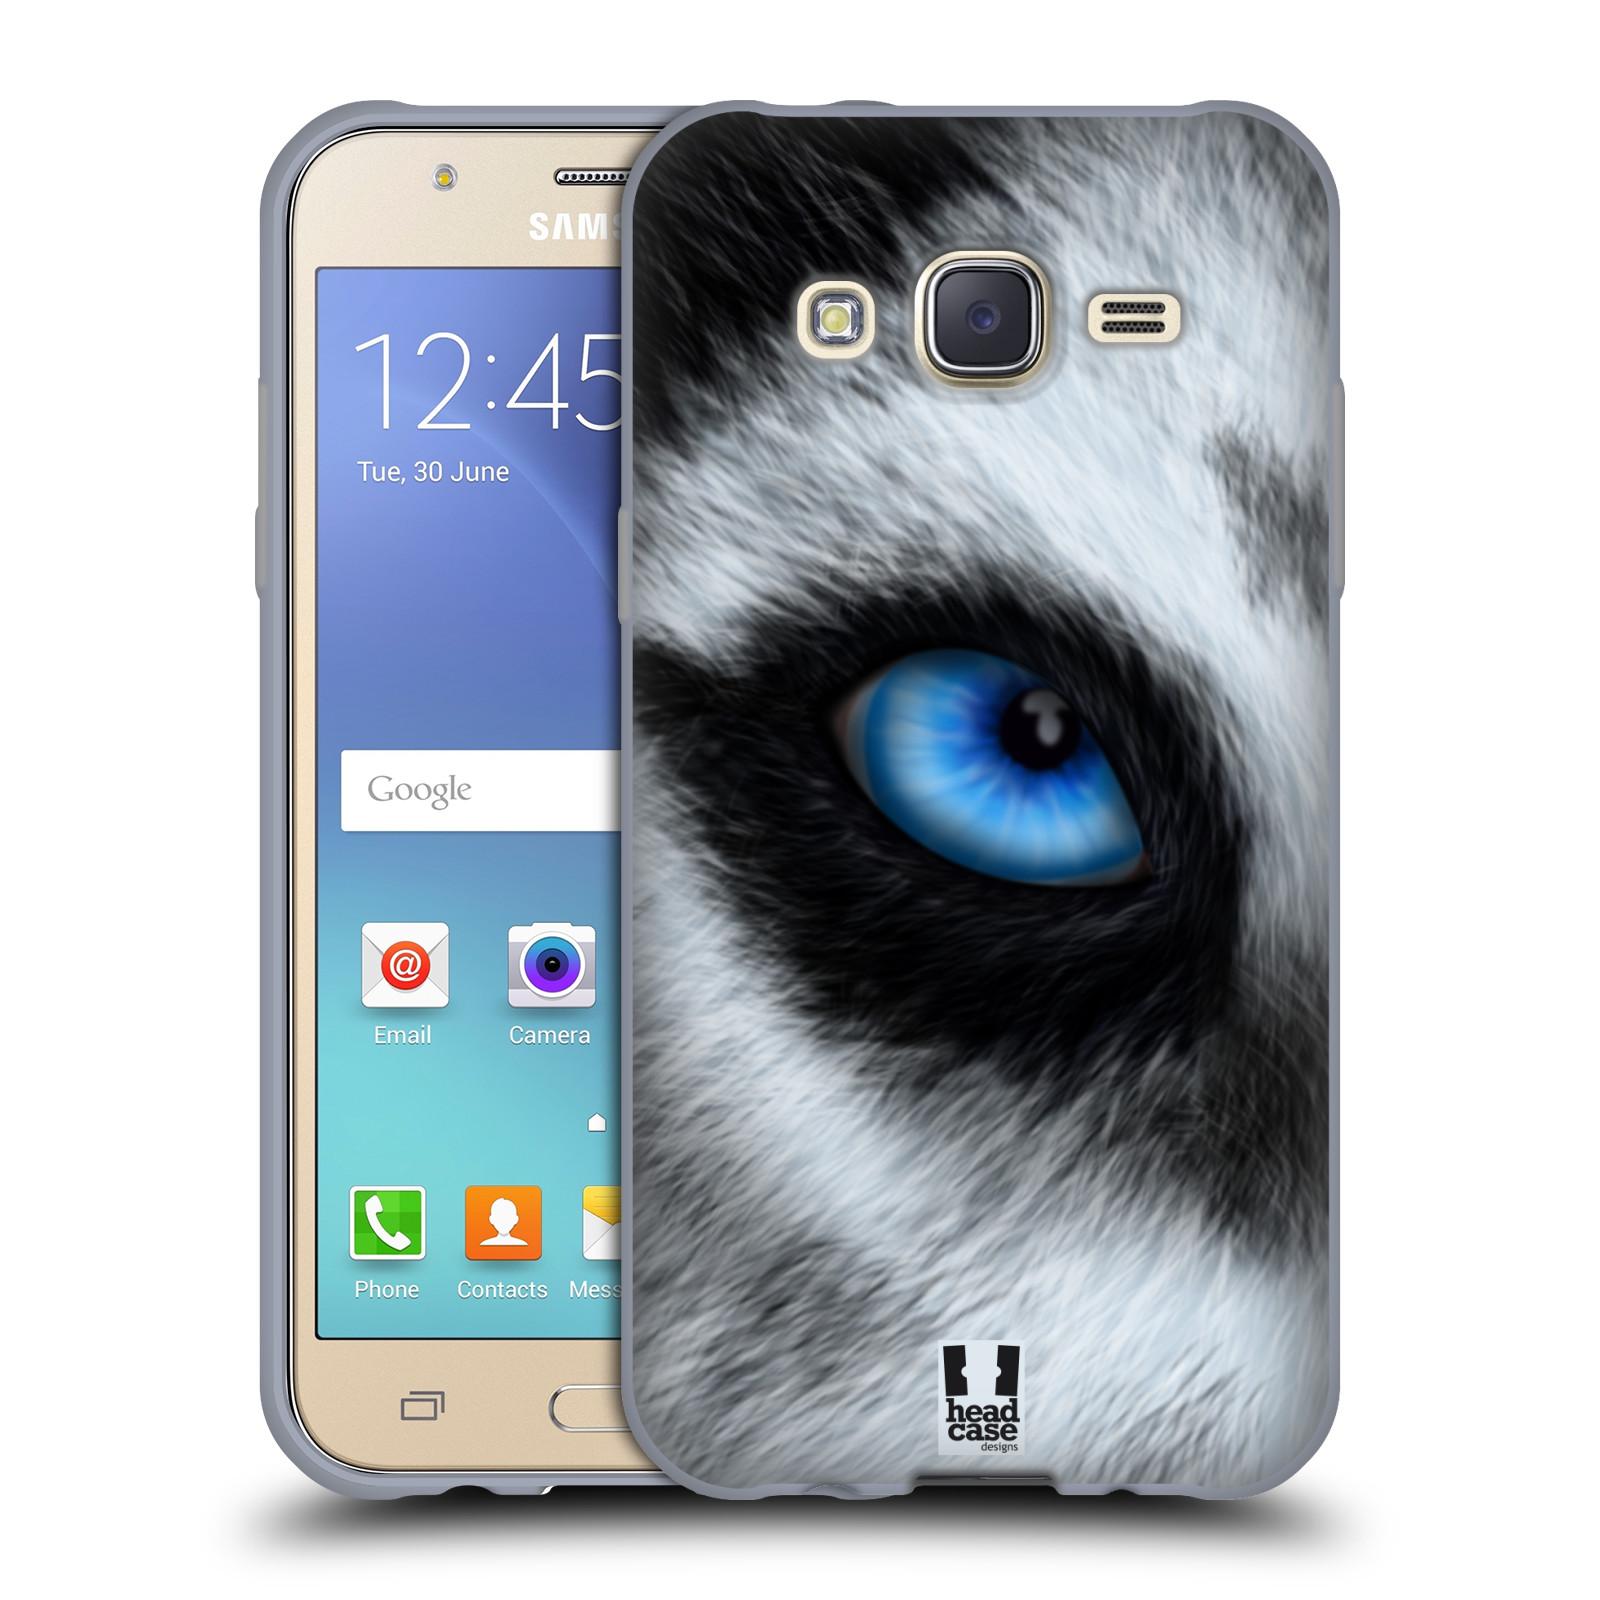 HEAD CASE silikonový obal na mobil Samsung Galaxy J5, J500, (J5 DUOS) vzor pohled zvířete oko pes husky